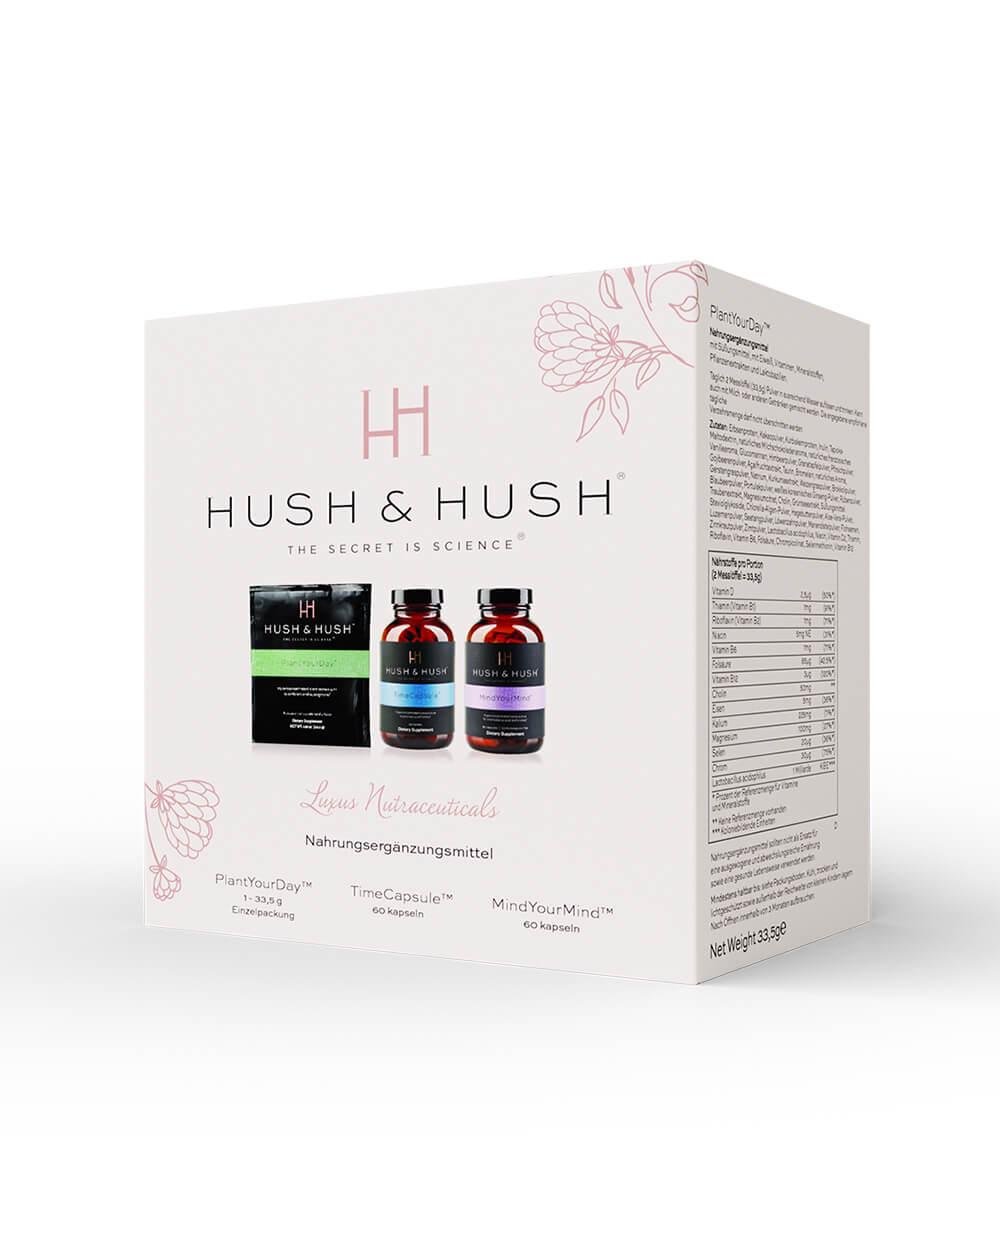 HUSH & HUSH Set Geschenkbox 3 Stück 100039384